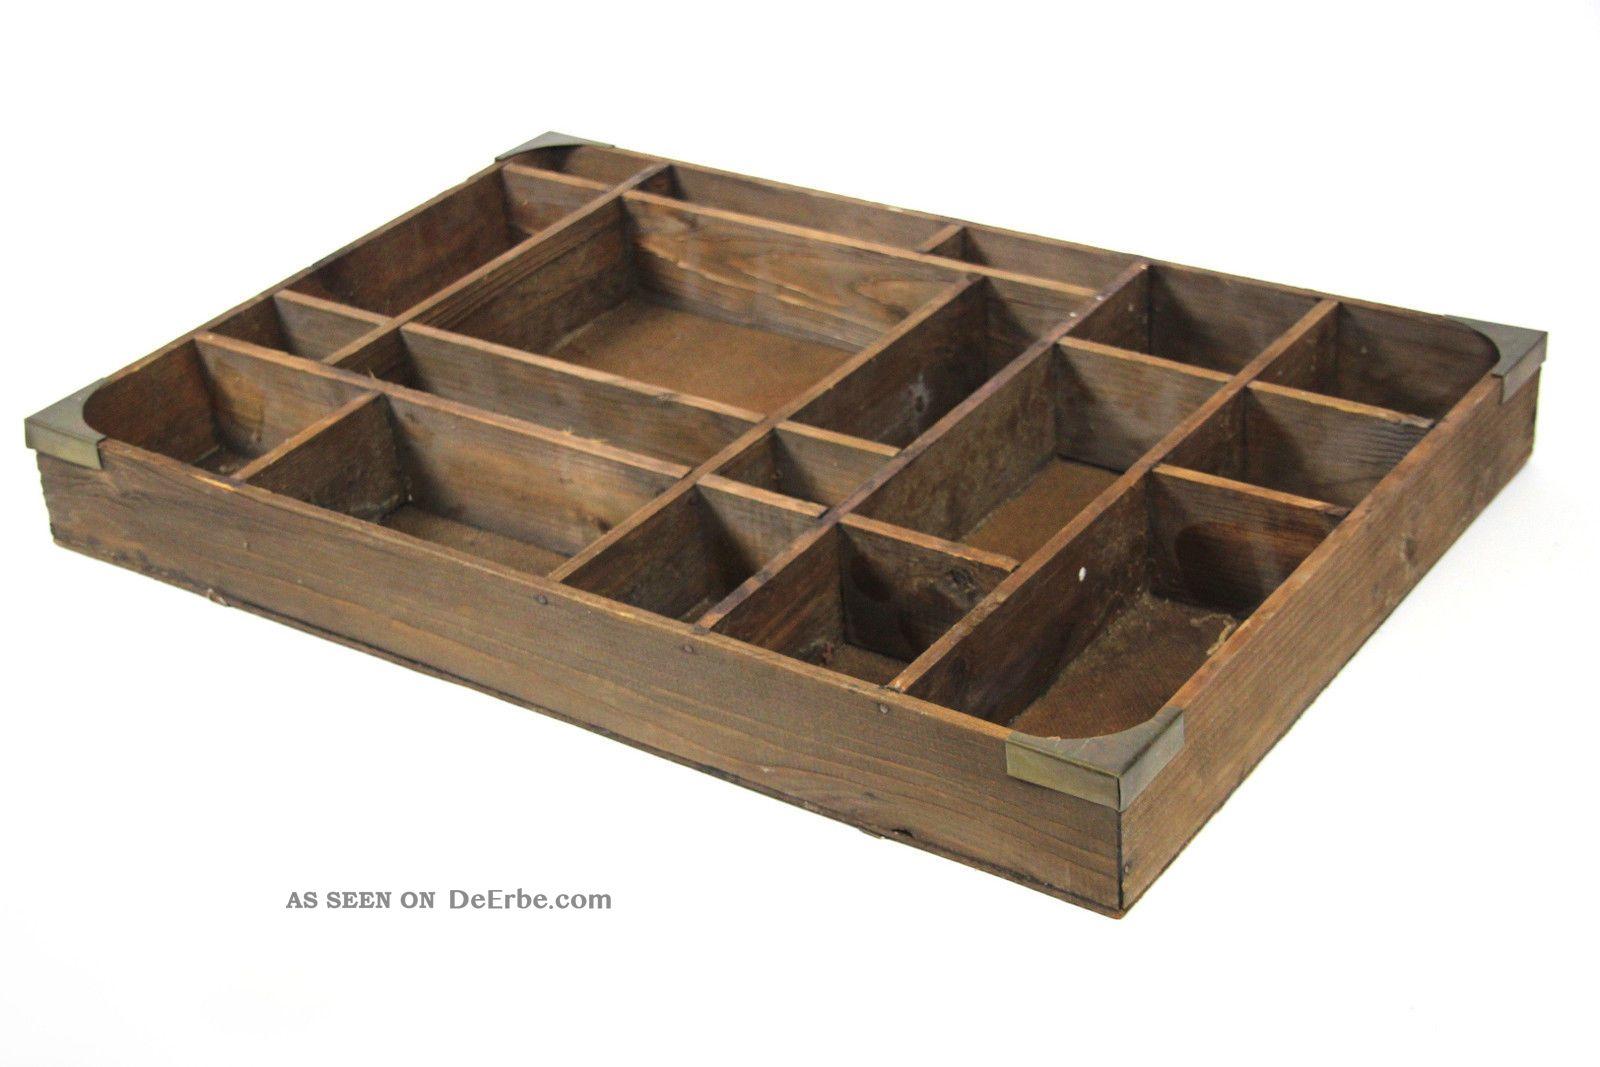 Sammelkasten Setzkasten Vitrine Holz Glas ~ Alter Holz Setzkasten 18 Versch Große Fächer Miniatur Vitrine